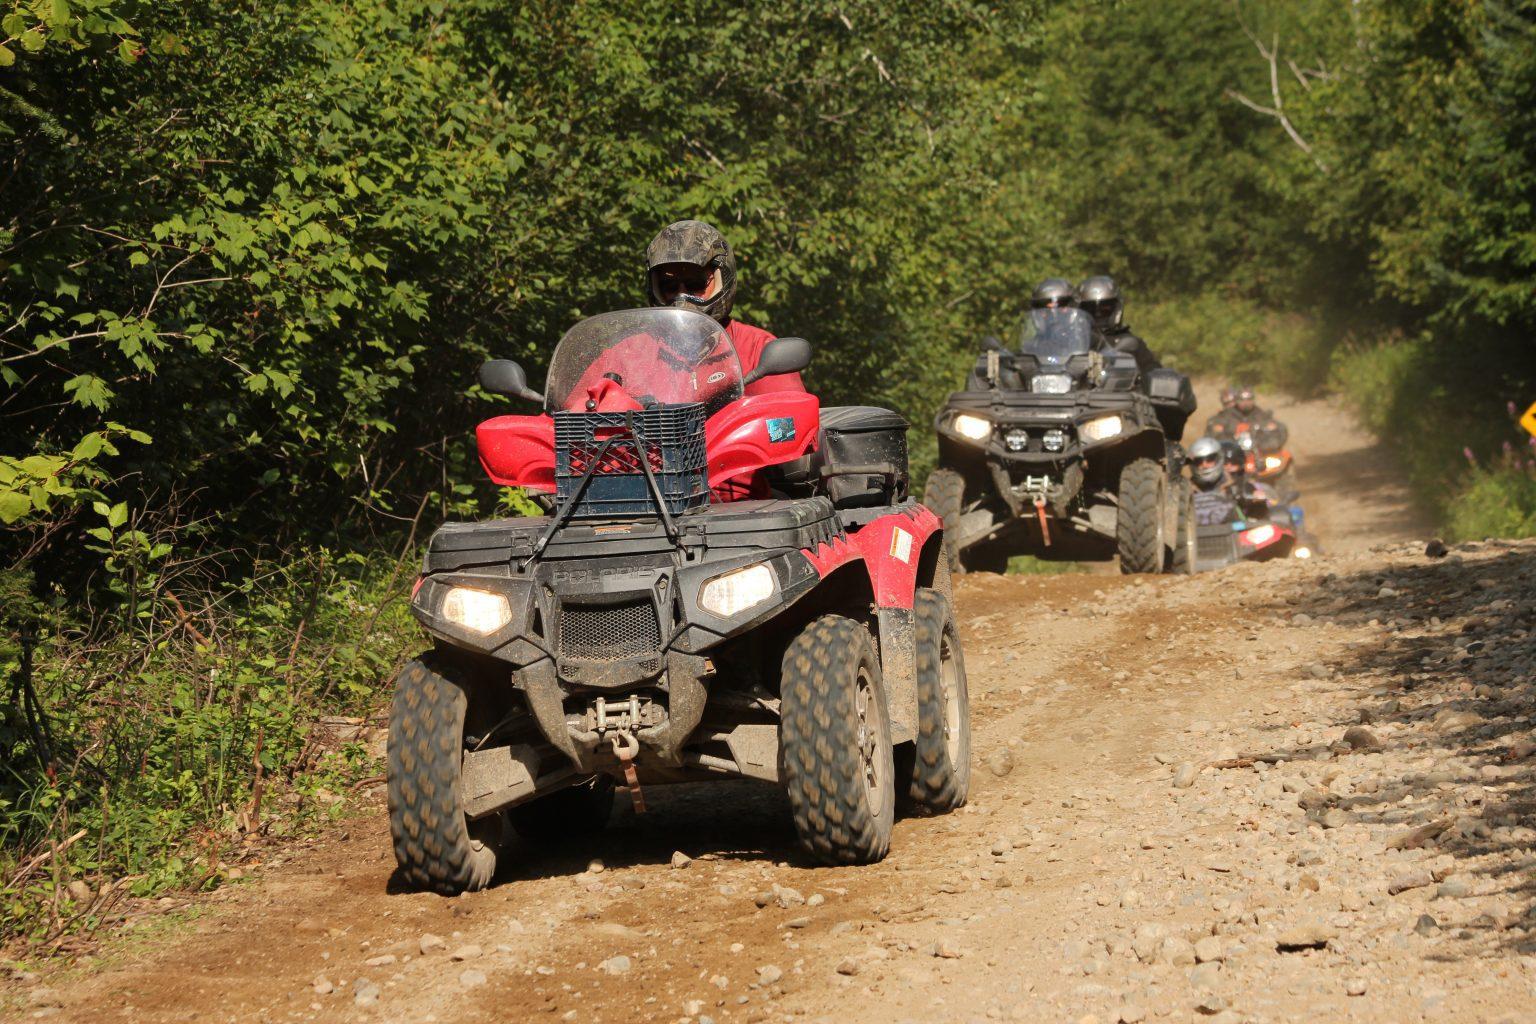 Pratique du quad dans les réserves fauniques